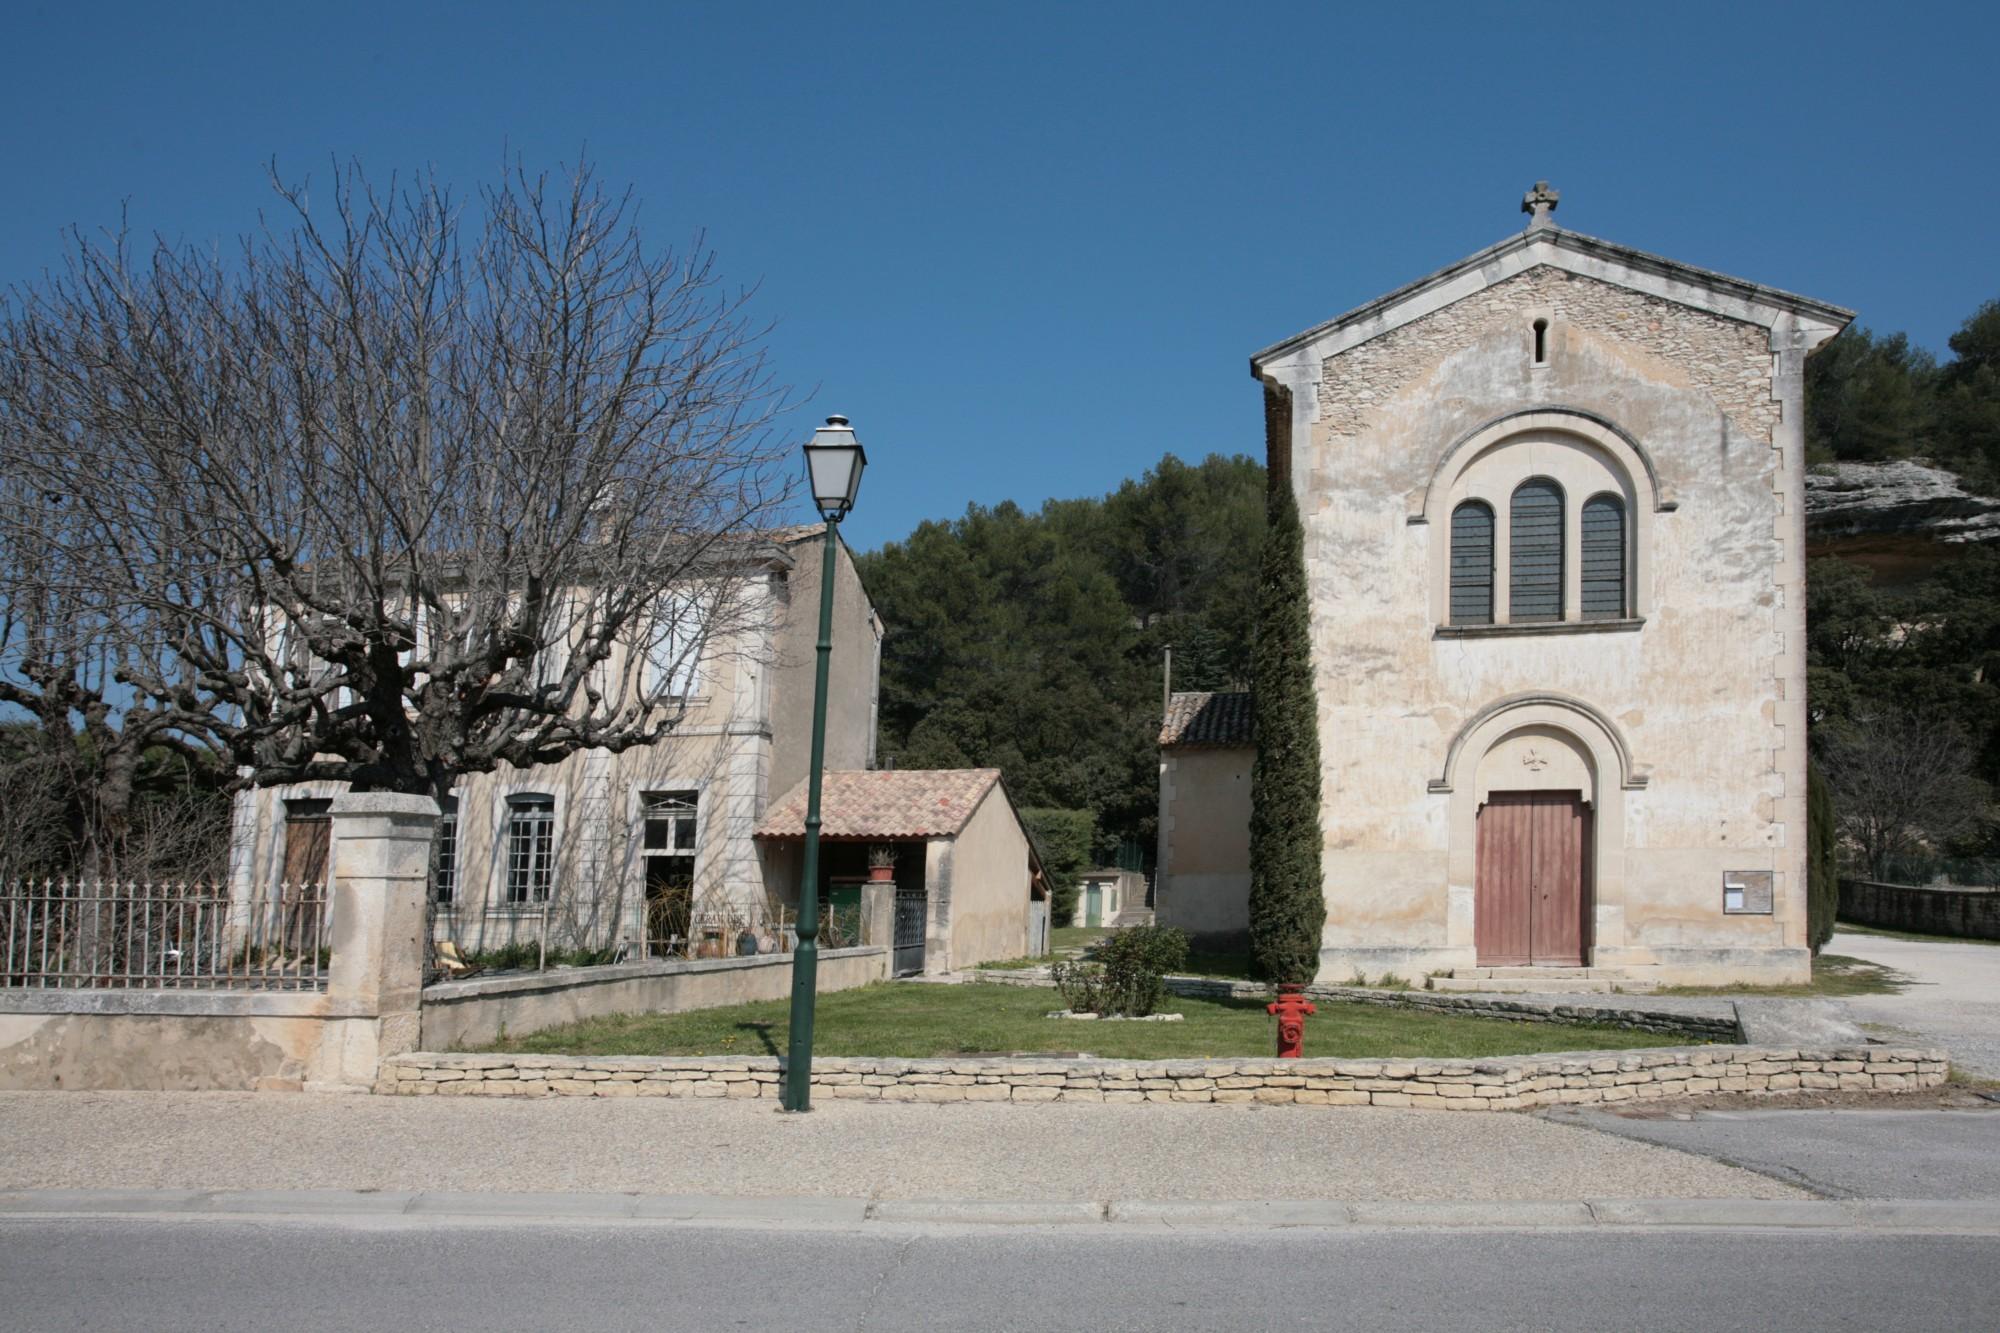 Eglise des Beaumettes, Vaucluse